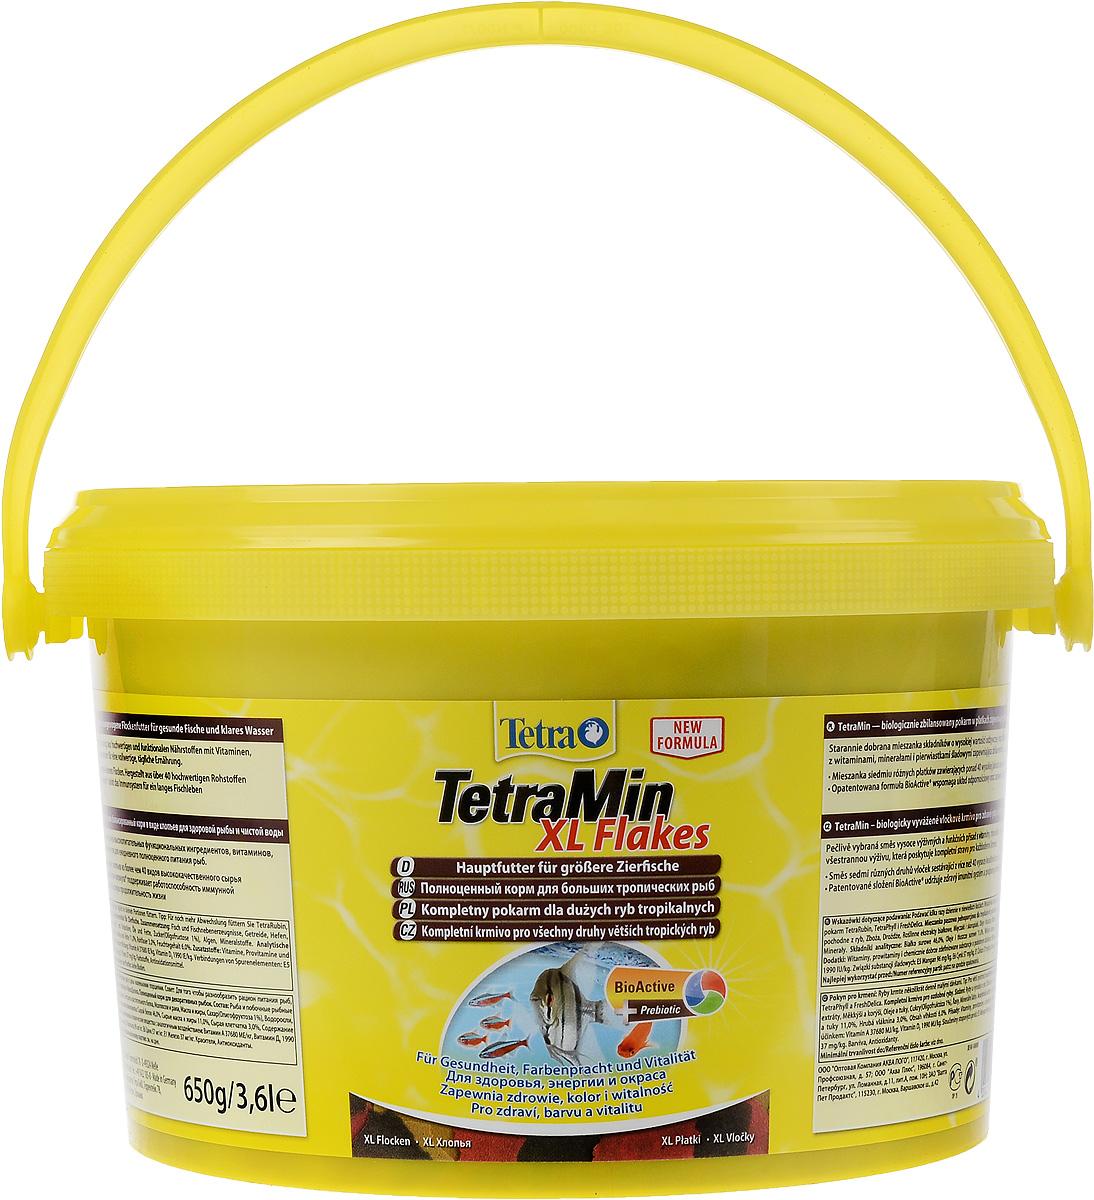 Корм Tetra TetraMin. XL Flakes для больших тропических рыб, крупные хлопья, 3,6 л (650 г)0120710Корм Tetra TetraMin. XL Flakes - это биологически сбалансированный корм в виде хлопьев, предназначенный для больших тропических декоративных рыб. Тщательно подобранная смесь высокопитательных функциональных ингредиентов, витаминов, минералов и микроэлементов для ежедневного полноценного питания рыб. С хлопьями TetraMin ваши рыбки питаются безопасным кормом в виде хлопьев, подходящим по размеру для больших рыб. Смесь семи разных видов хлопьев из более чем 40 видов высококачественного сырья легко усваивается рыбами. Исключительное свойство хлопьев плавать и медленно погружаться в воду обеспечивает оптимальное поглощение корма разными видами рыб. Запатентованная БиоАктив-формула поддерживает работоспособность иммунной системы, обеспечивая высокую продолжительность жизни. Корм содержит пребиотики для улучшенного функционирования организма и усвоения питательных веществ. При регулярном кормлении TetraMin сокращается концентрация нитратов, и улучшается качество воды. Кормить несколько раз в день небольшими порциями. Состав: рыба и побочные рыбные продукты, зерновые культуры, дрожжи, экстракты растительного белка, моллюски и раки, масла и жиры, сахар (олигофруктоза 1%), водоросли, минеральные вещества. Аналитические компоненты: сырой белок 46%, сырые масла и жиры 11%, сырая клетчатка 3%, влага 6%. Добавки: витамины, провитамины и химические вещества с аналогичным воздействием: витамин А 37680 МЕ/кг, витамин Д3 1990 МЕ/кг. Комбинации микроэлементов: Е5 марганец 96 мг/кг, Е6 цинк 57 мг/кг, Е1 железо 37 мг/кг. Красители, антиоксиданты. Товар сертифицирован.